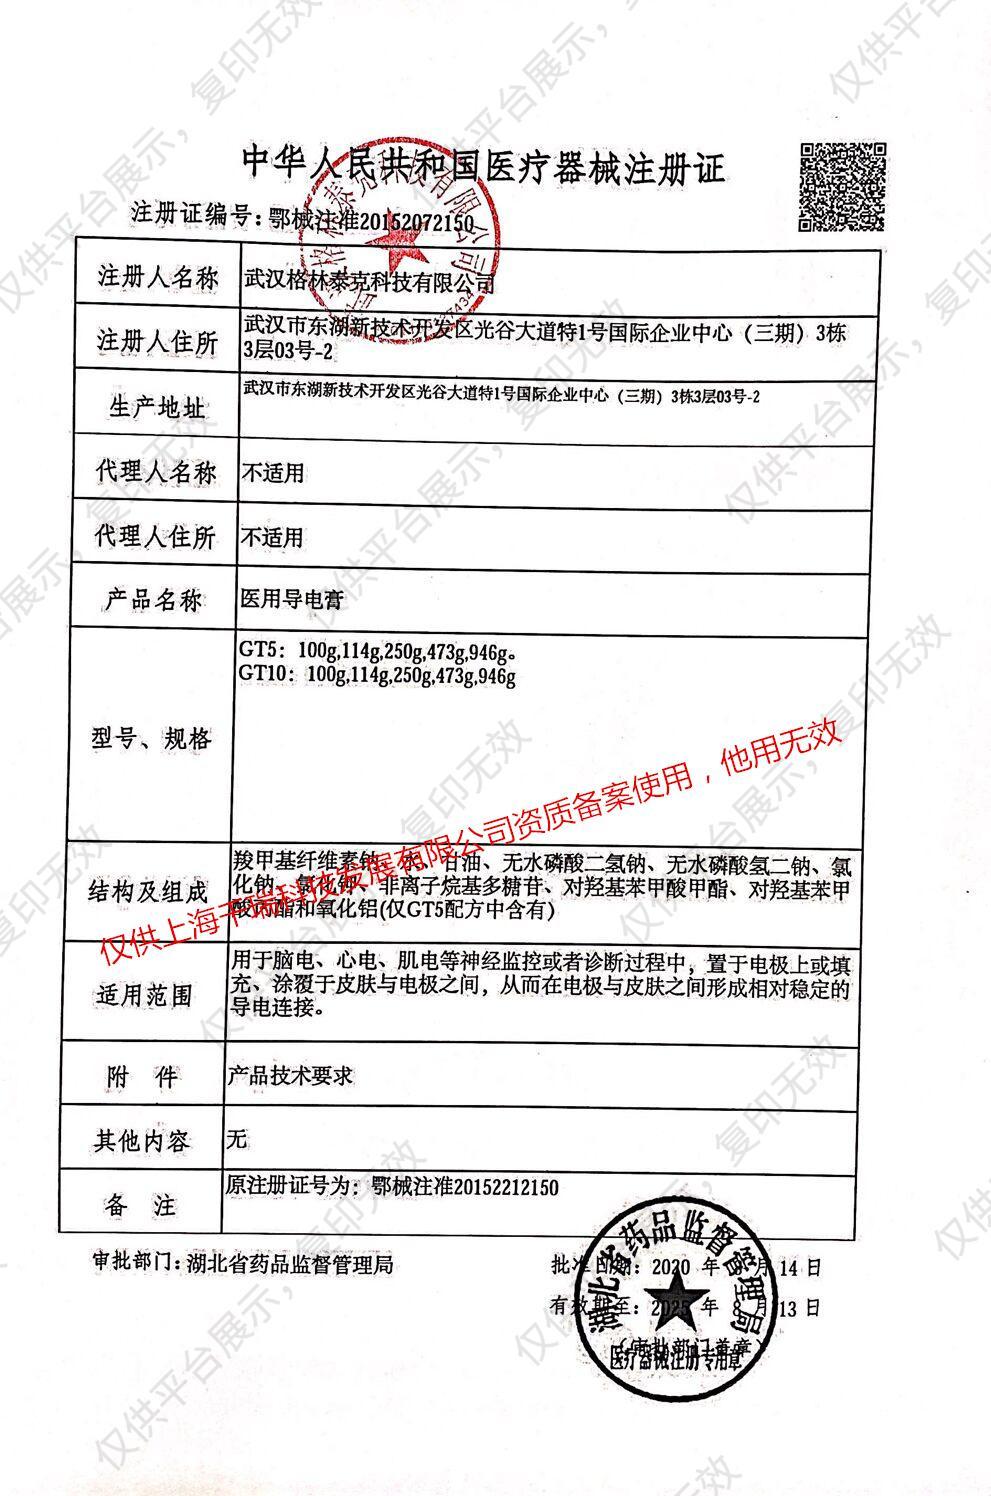 格林泰克 医用导电膏 100g注册证